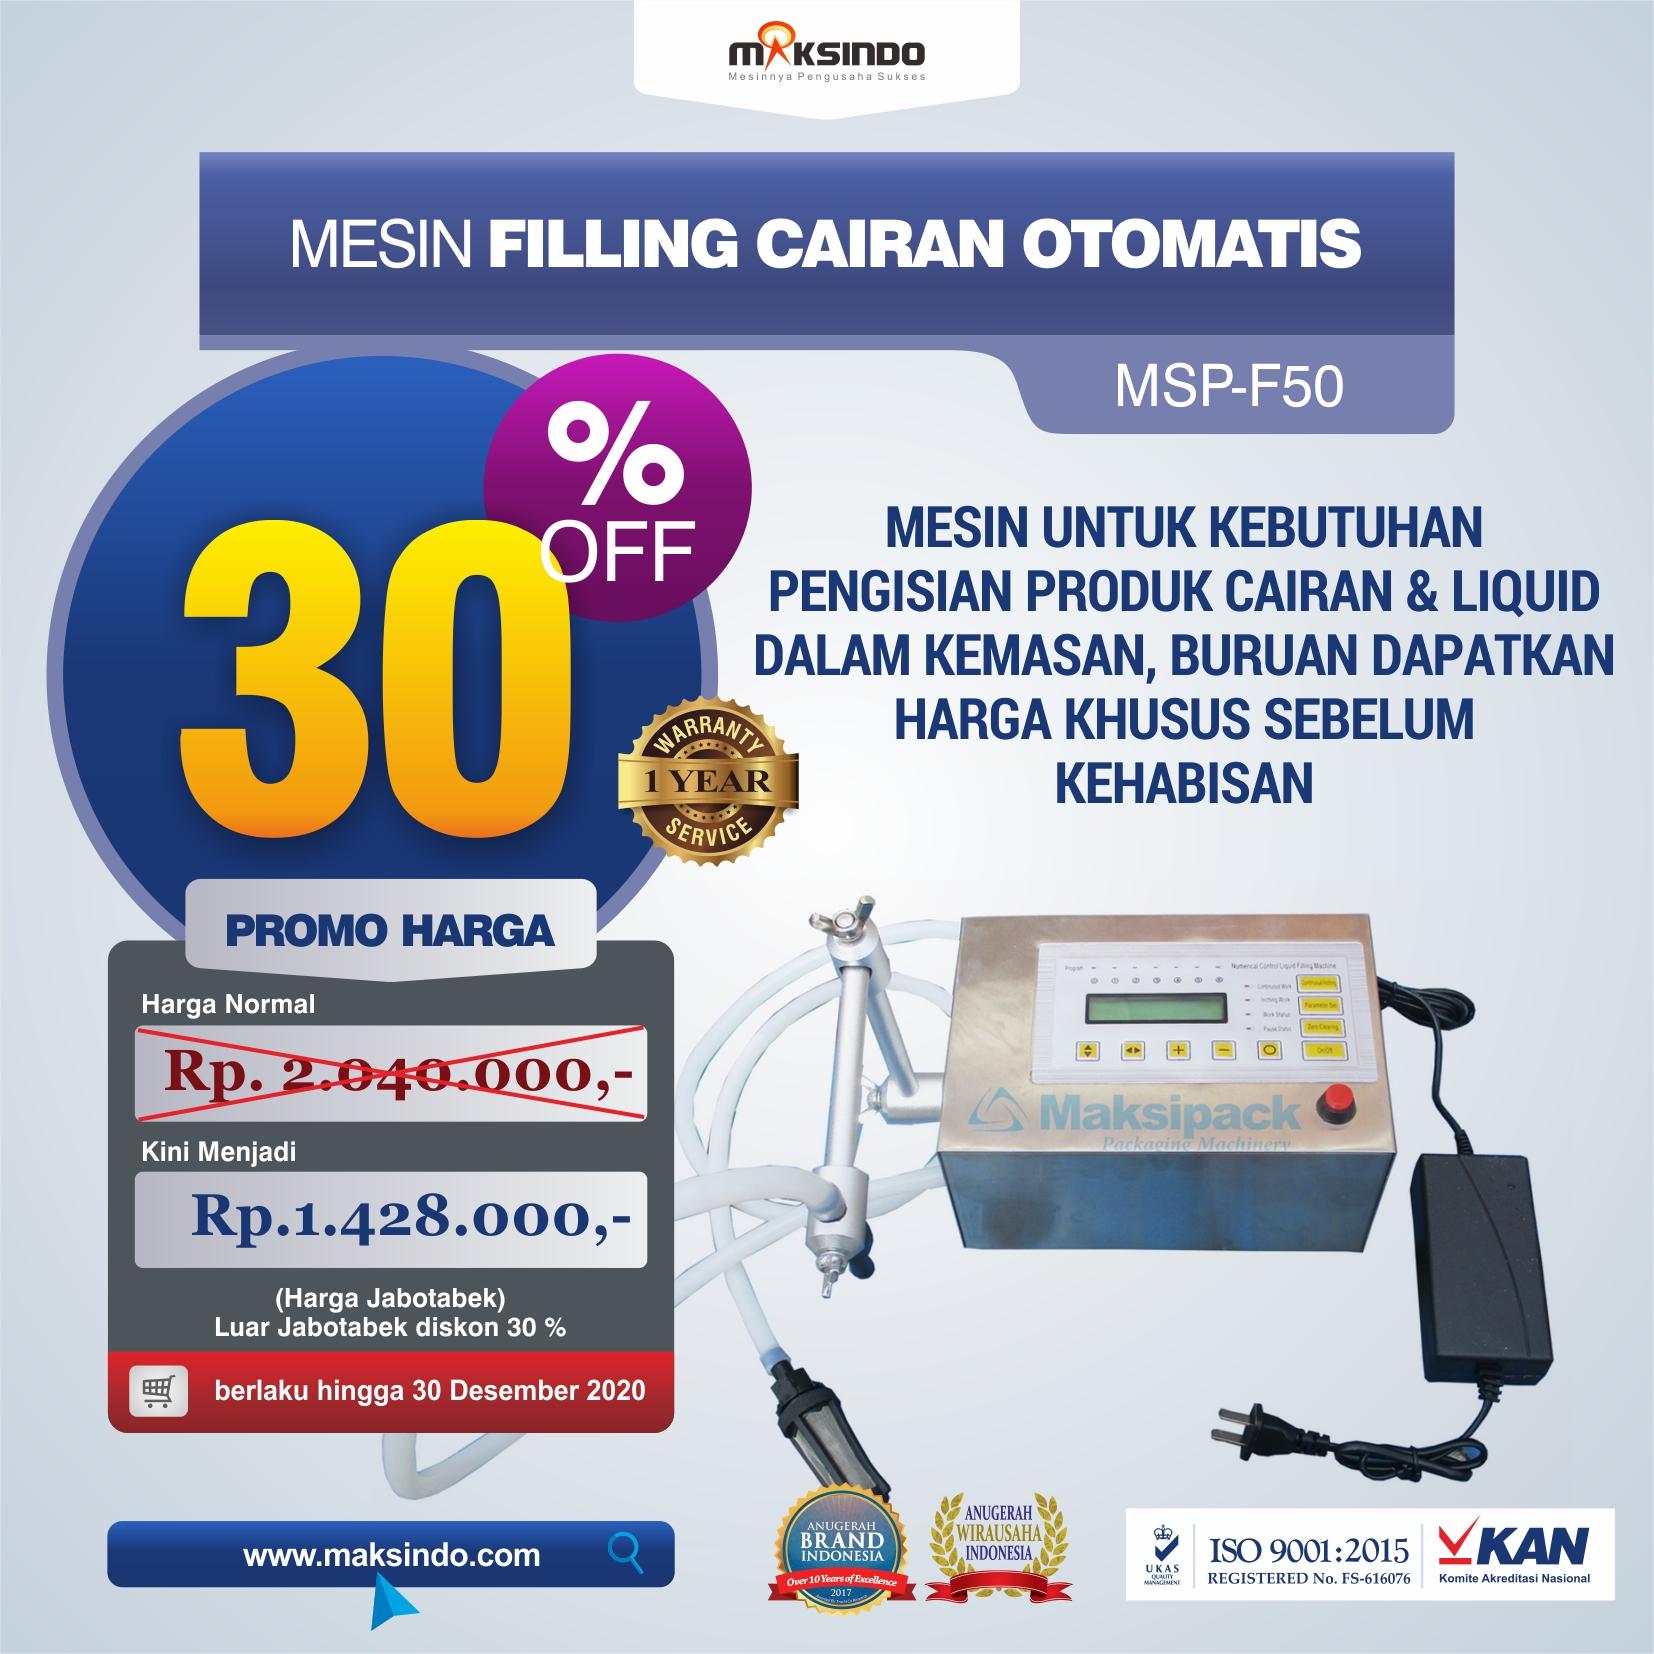 Jual Mesin Filling Cairan Otomatis di Semarang